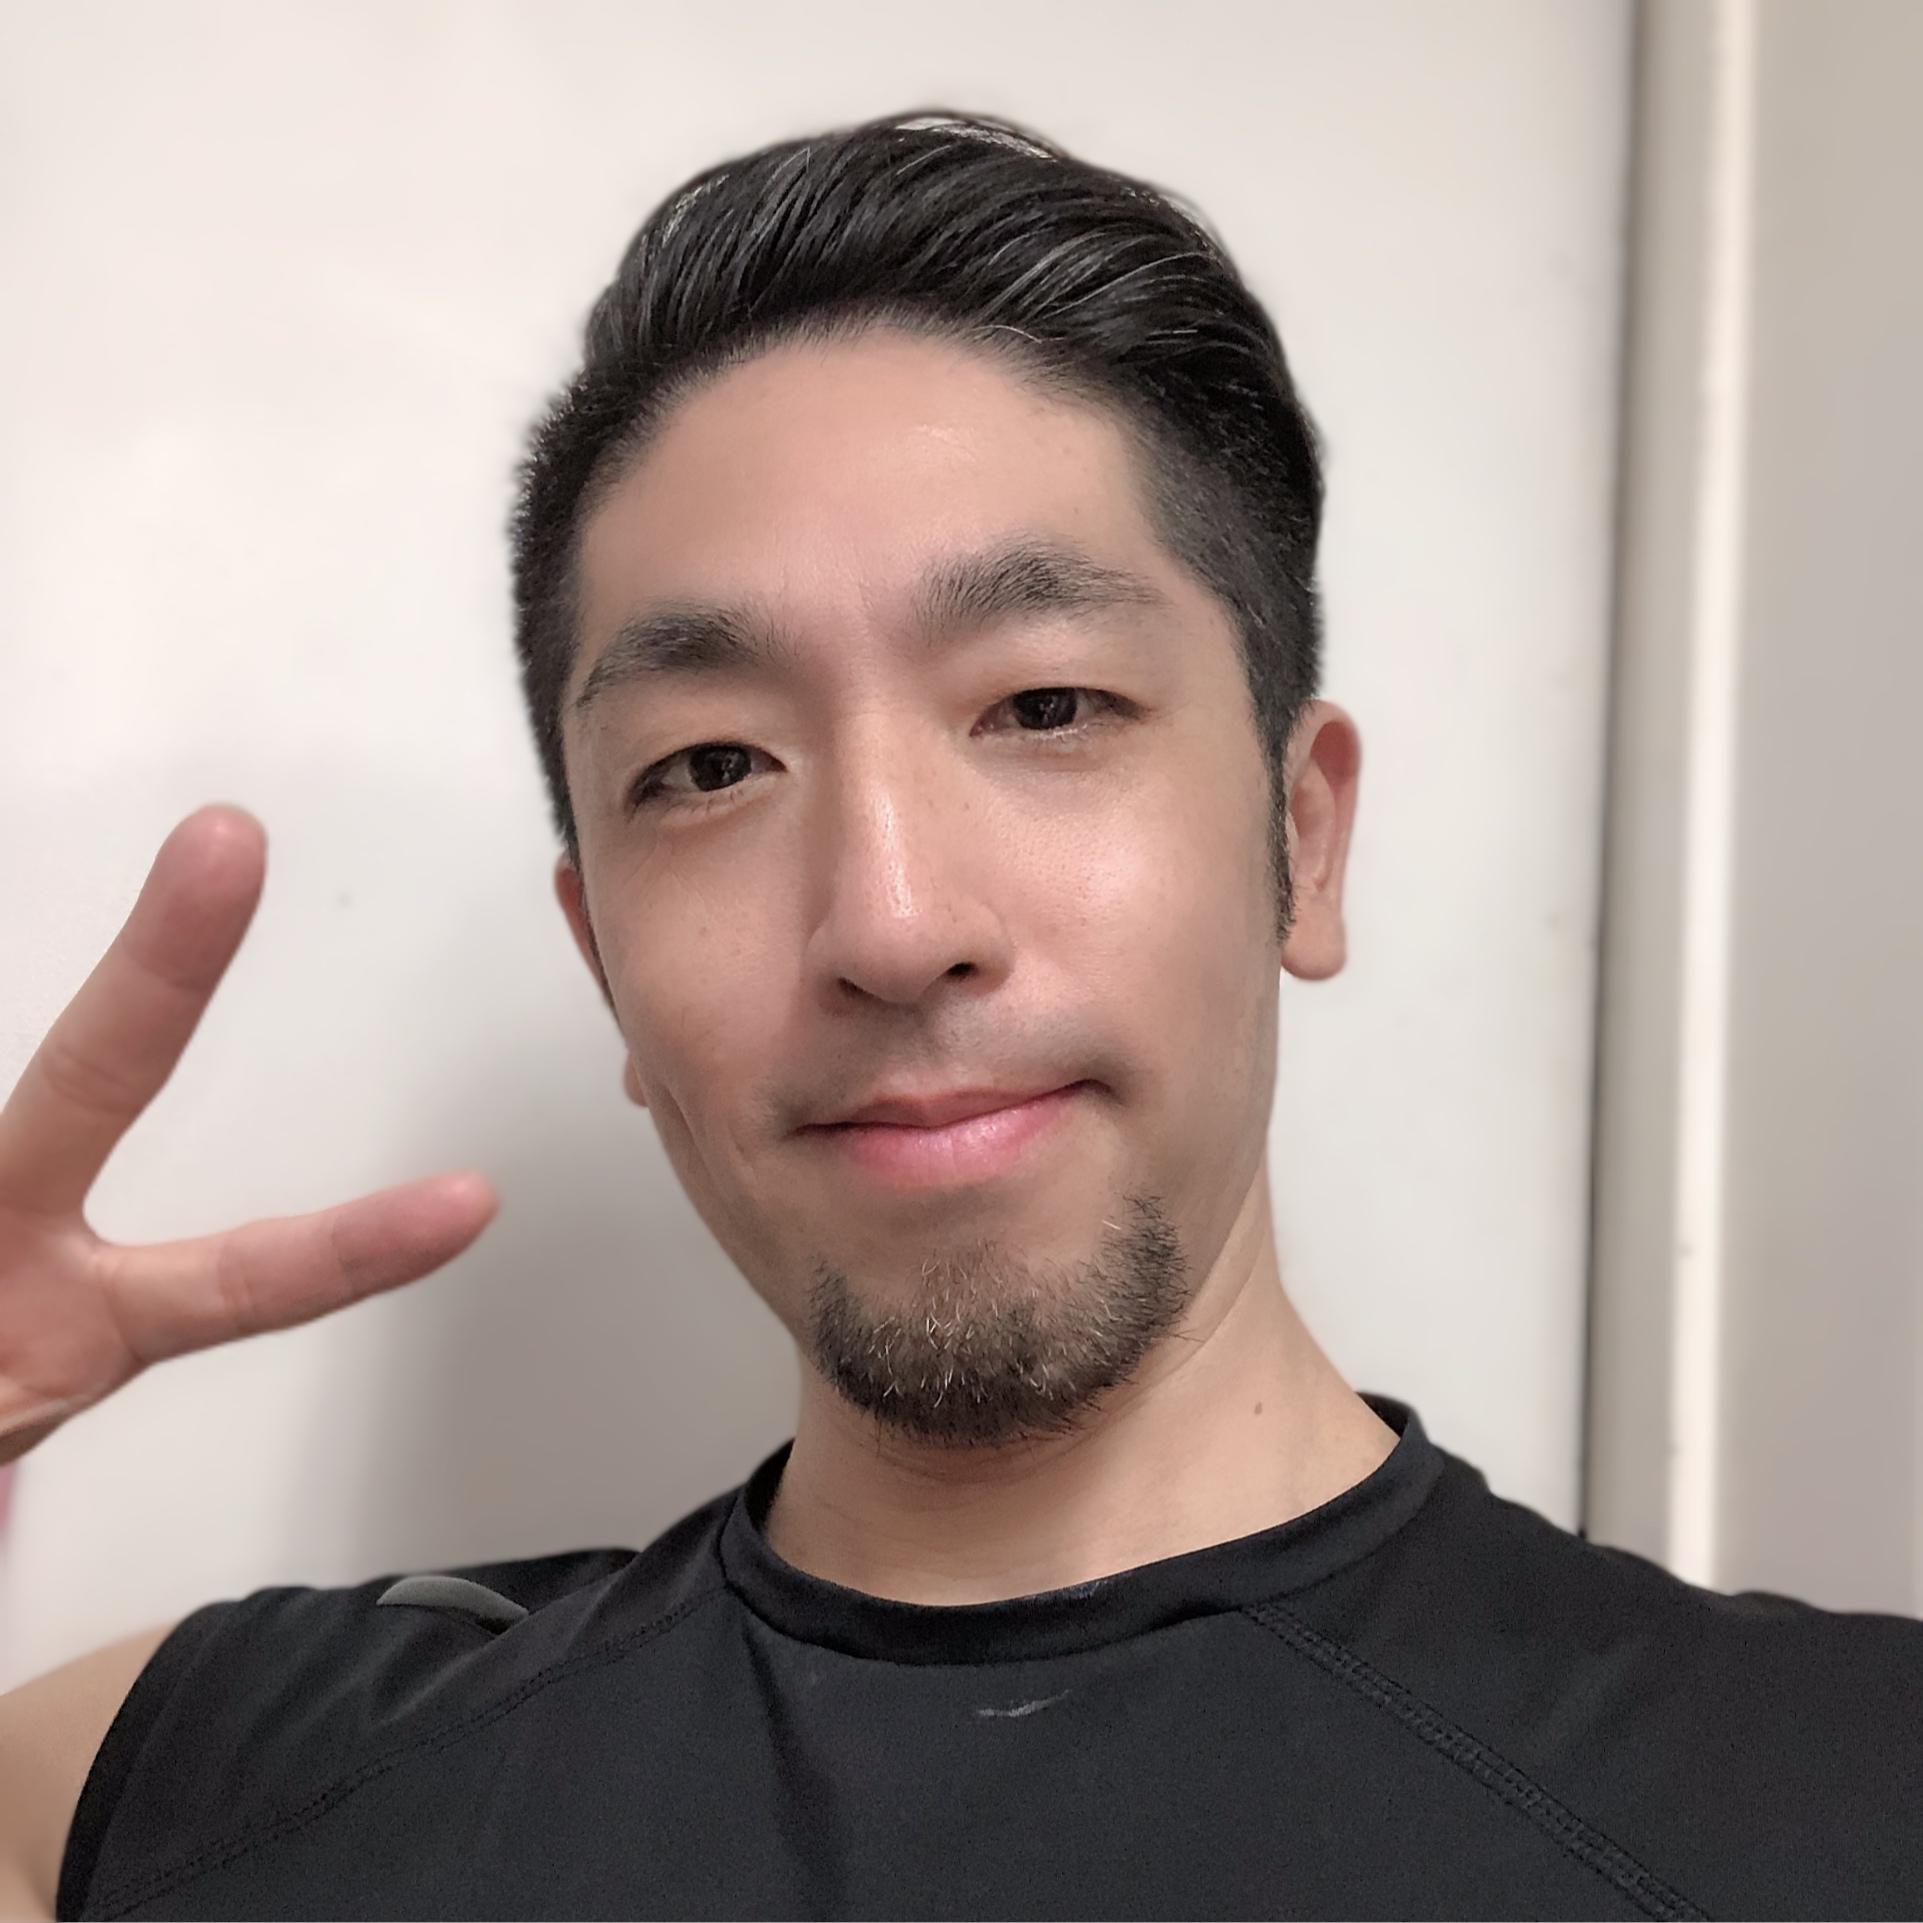 HIDEHITO NAKAI